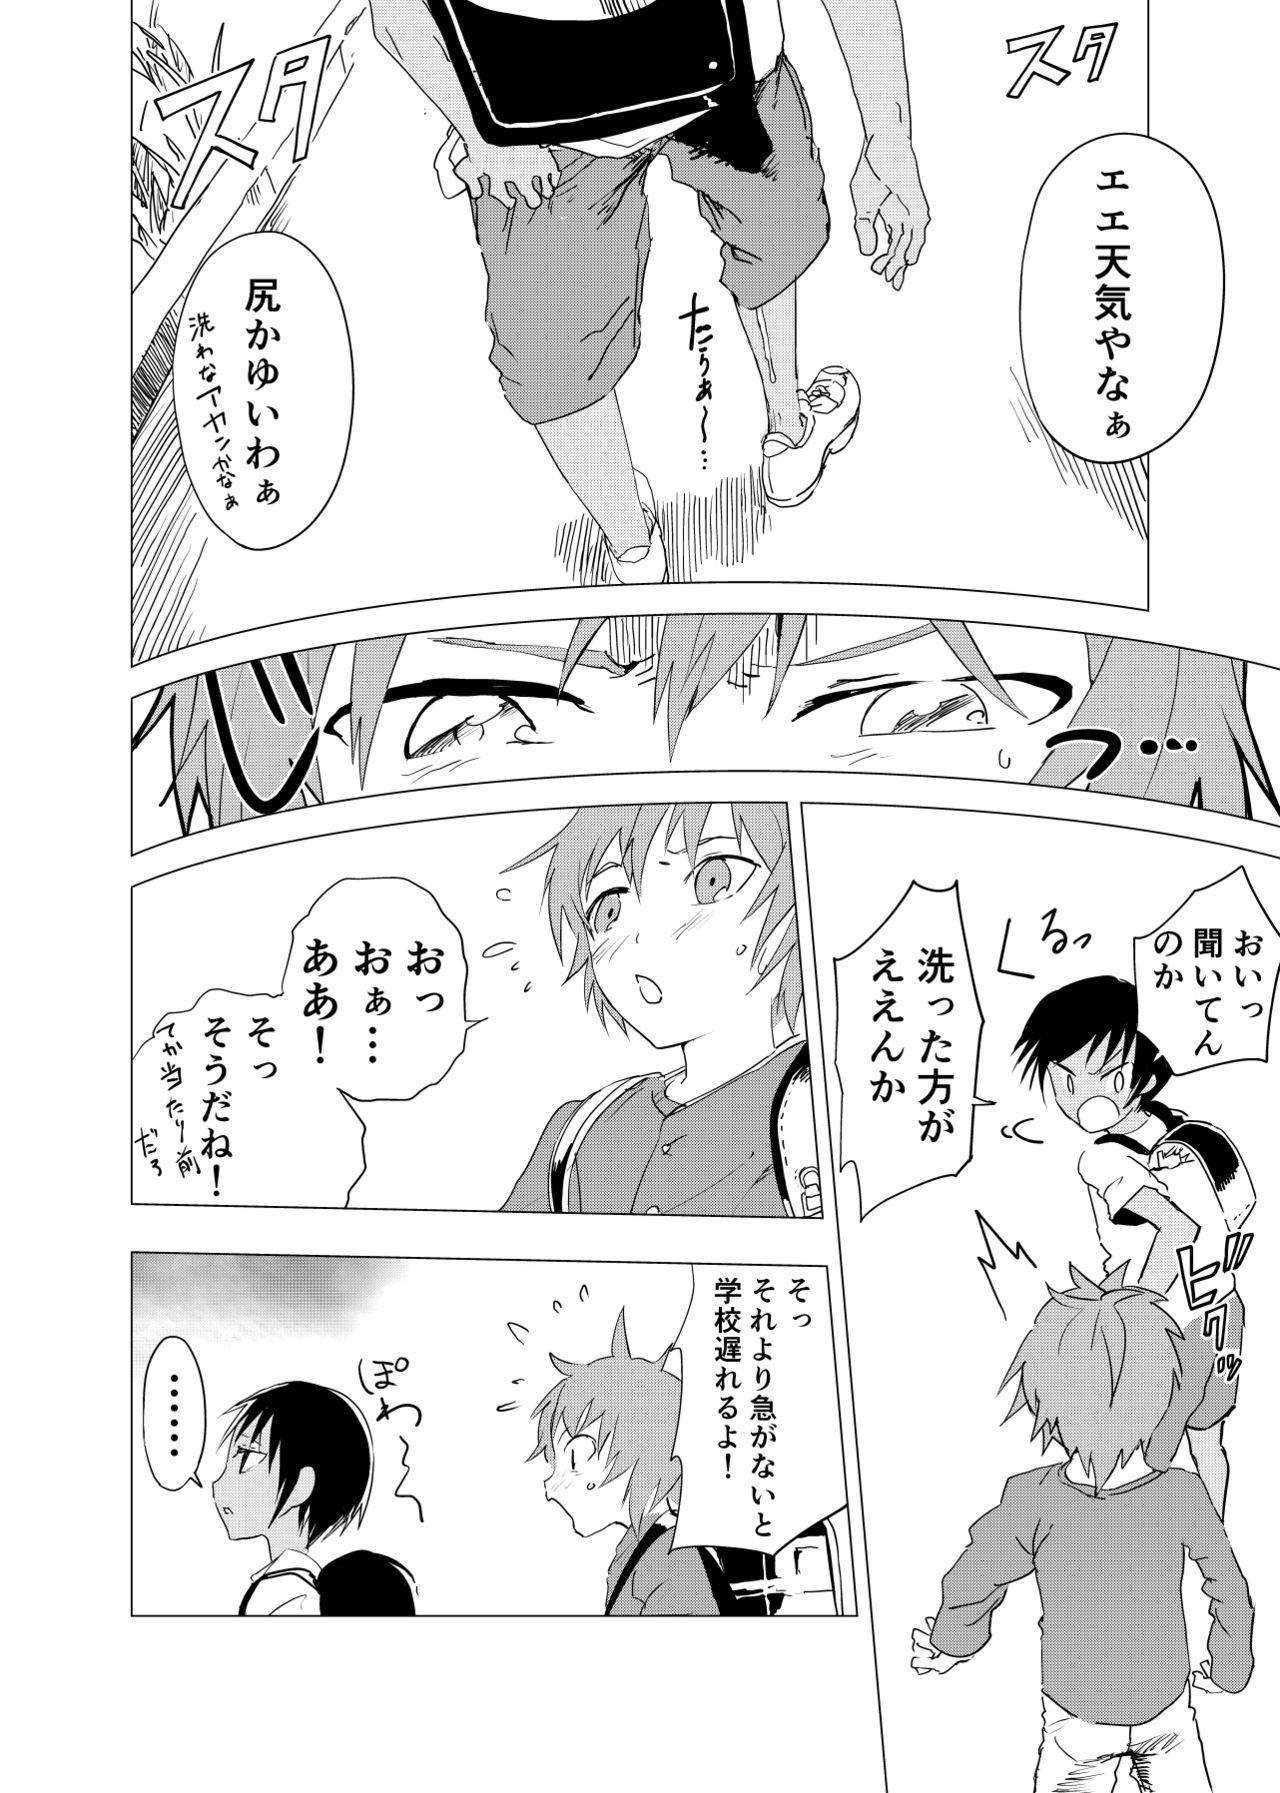 Inaka no Uke Shounen to Tokai no Seme Shounen no Ero Manga 1-6 138